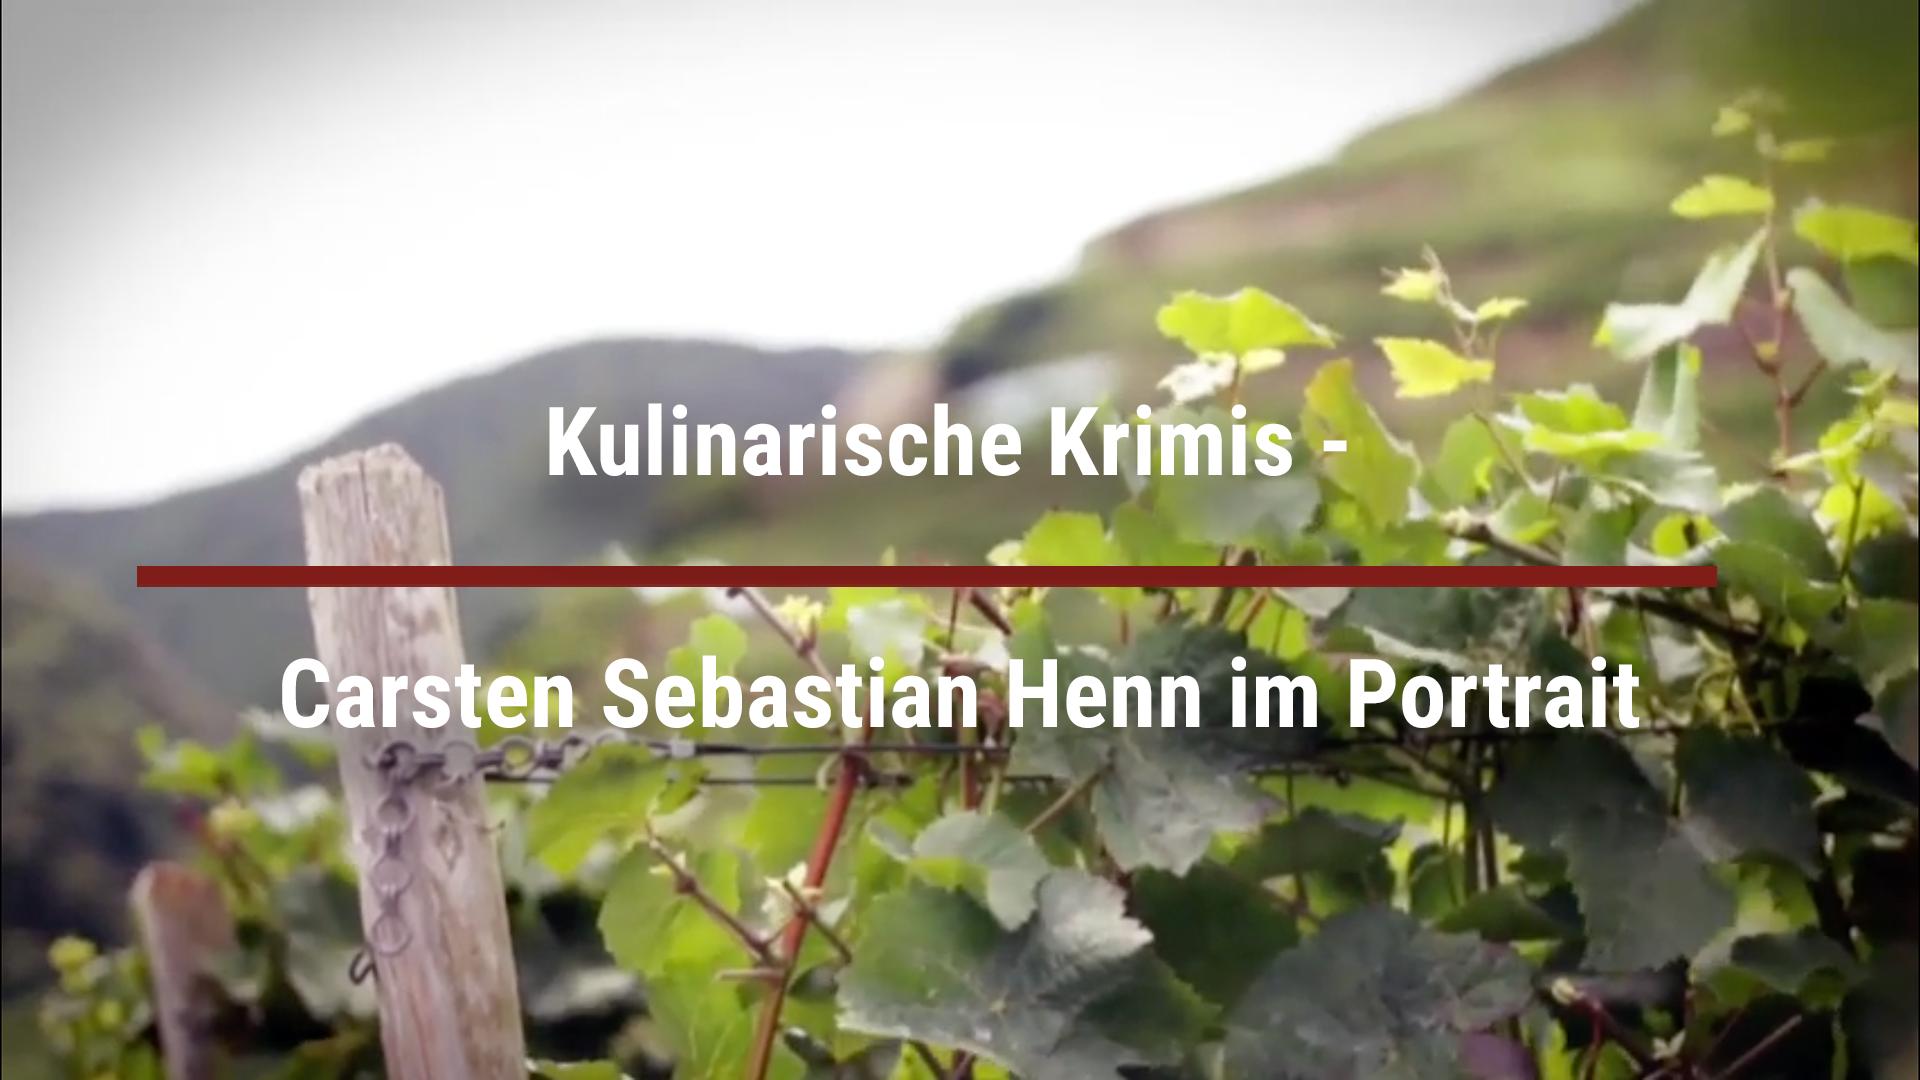 Kulinarische Krimis – Carsten Sebastian Henn im Portrait